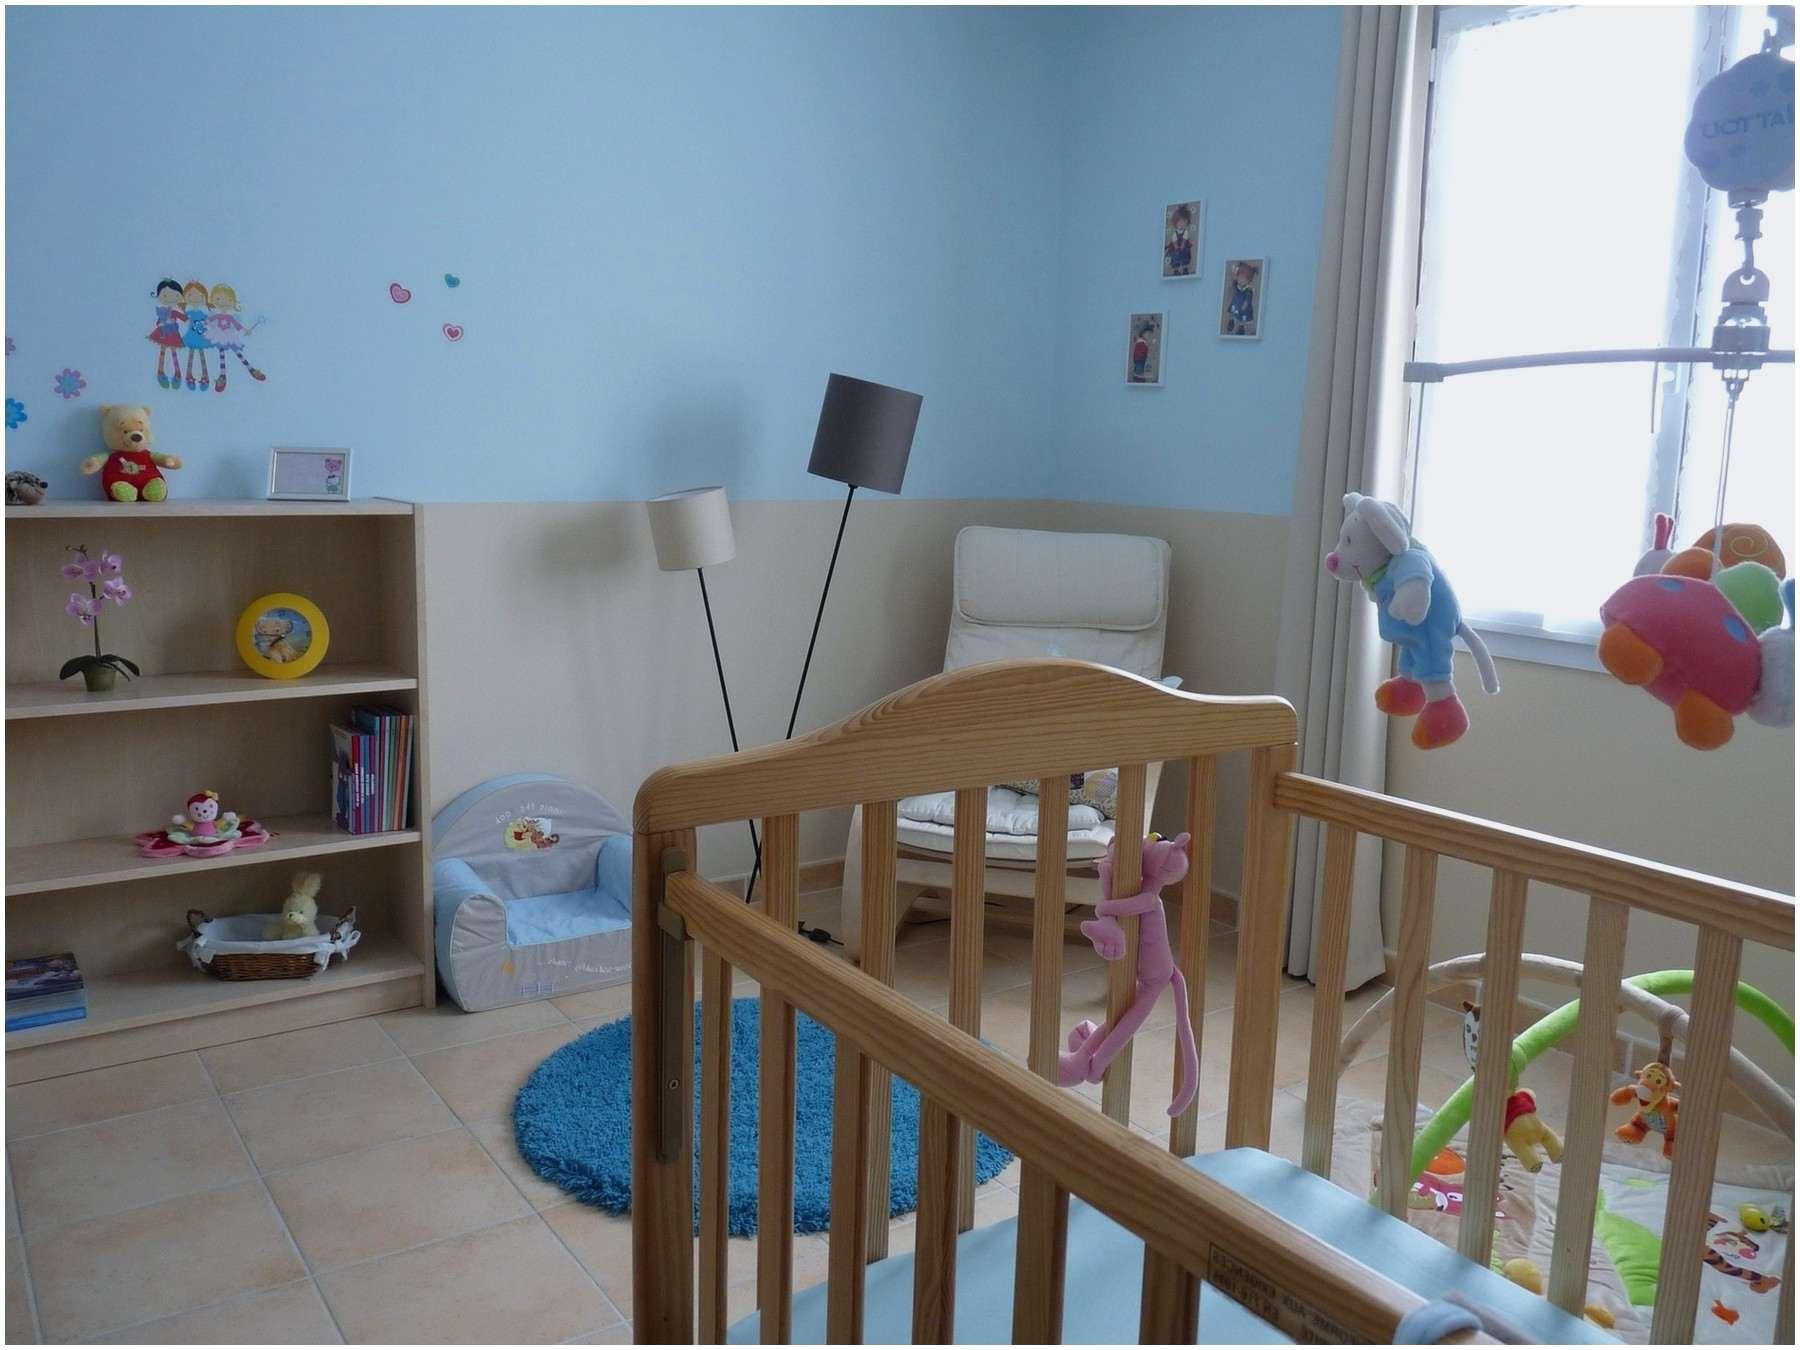 idee chambre bebe garcon populaire exemple peinture chambre bebe fille id es de d coration stockage at c3 a9es pour inspire 26 nouveau peinture pour chambre bebe anciendemutu pour alternativ